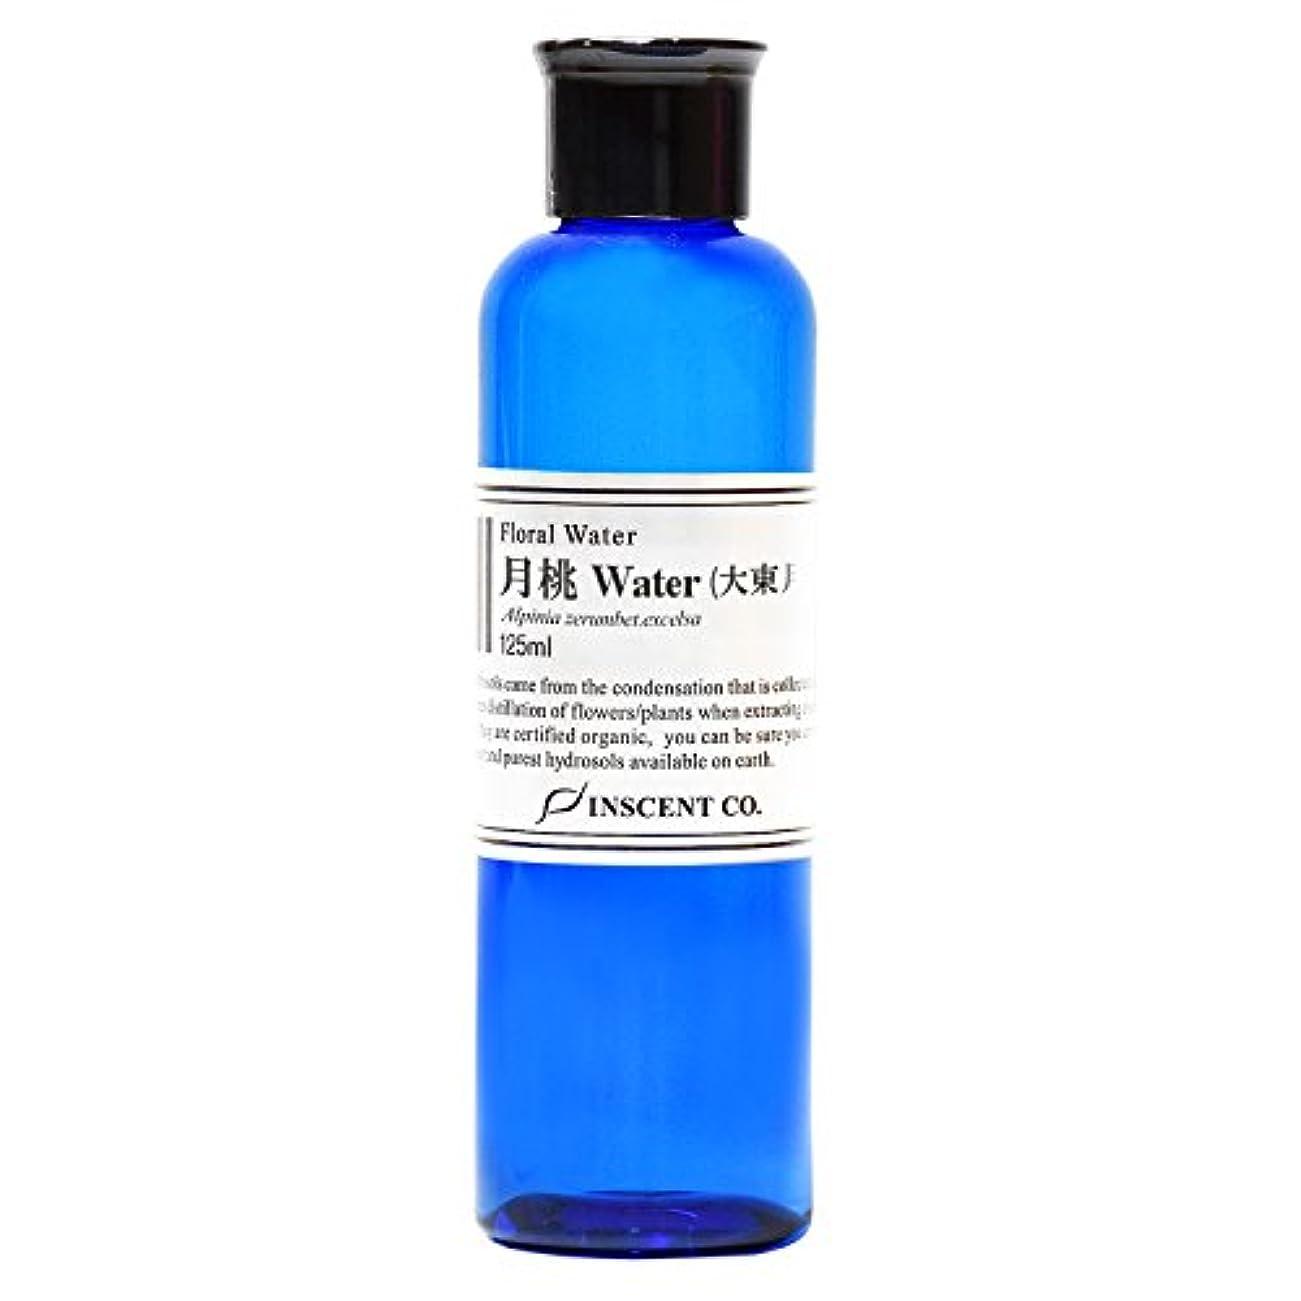 和らげるハイキング蒸留するフローラルウォーター 月桃 (げっとう) ウォーター (月桃水) 125ml (ハイドロゾル/芳香蒸留水) ※月桃独特の薬草が焦げたような香りがあります。